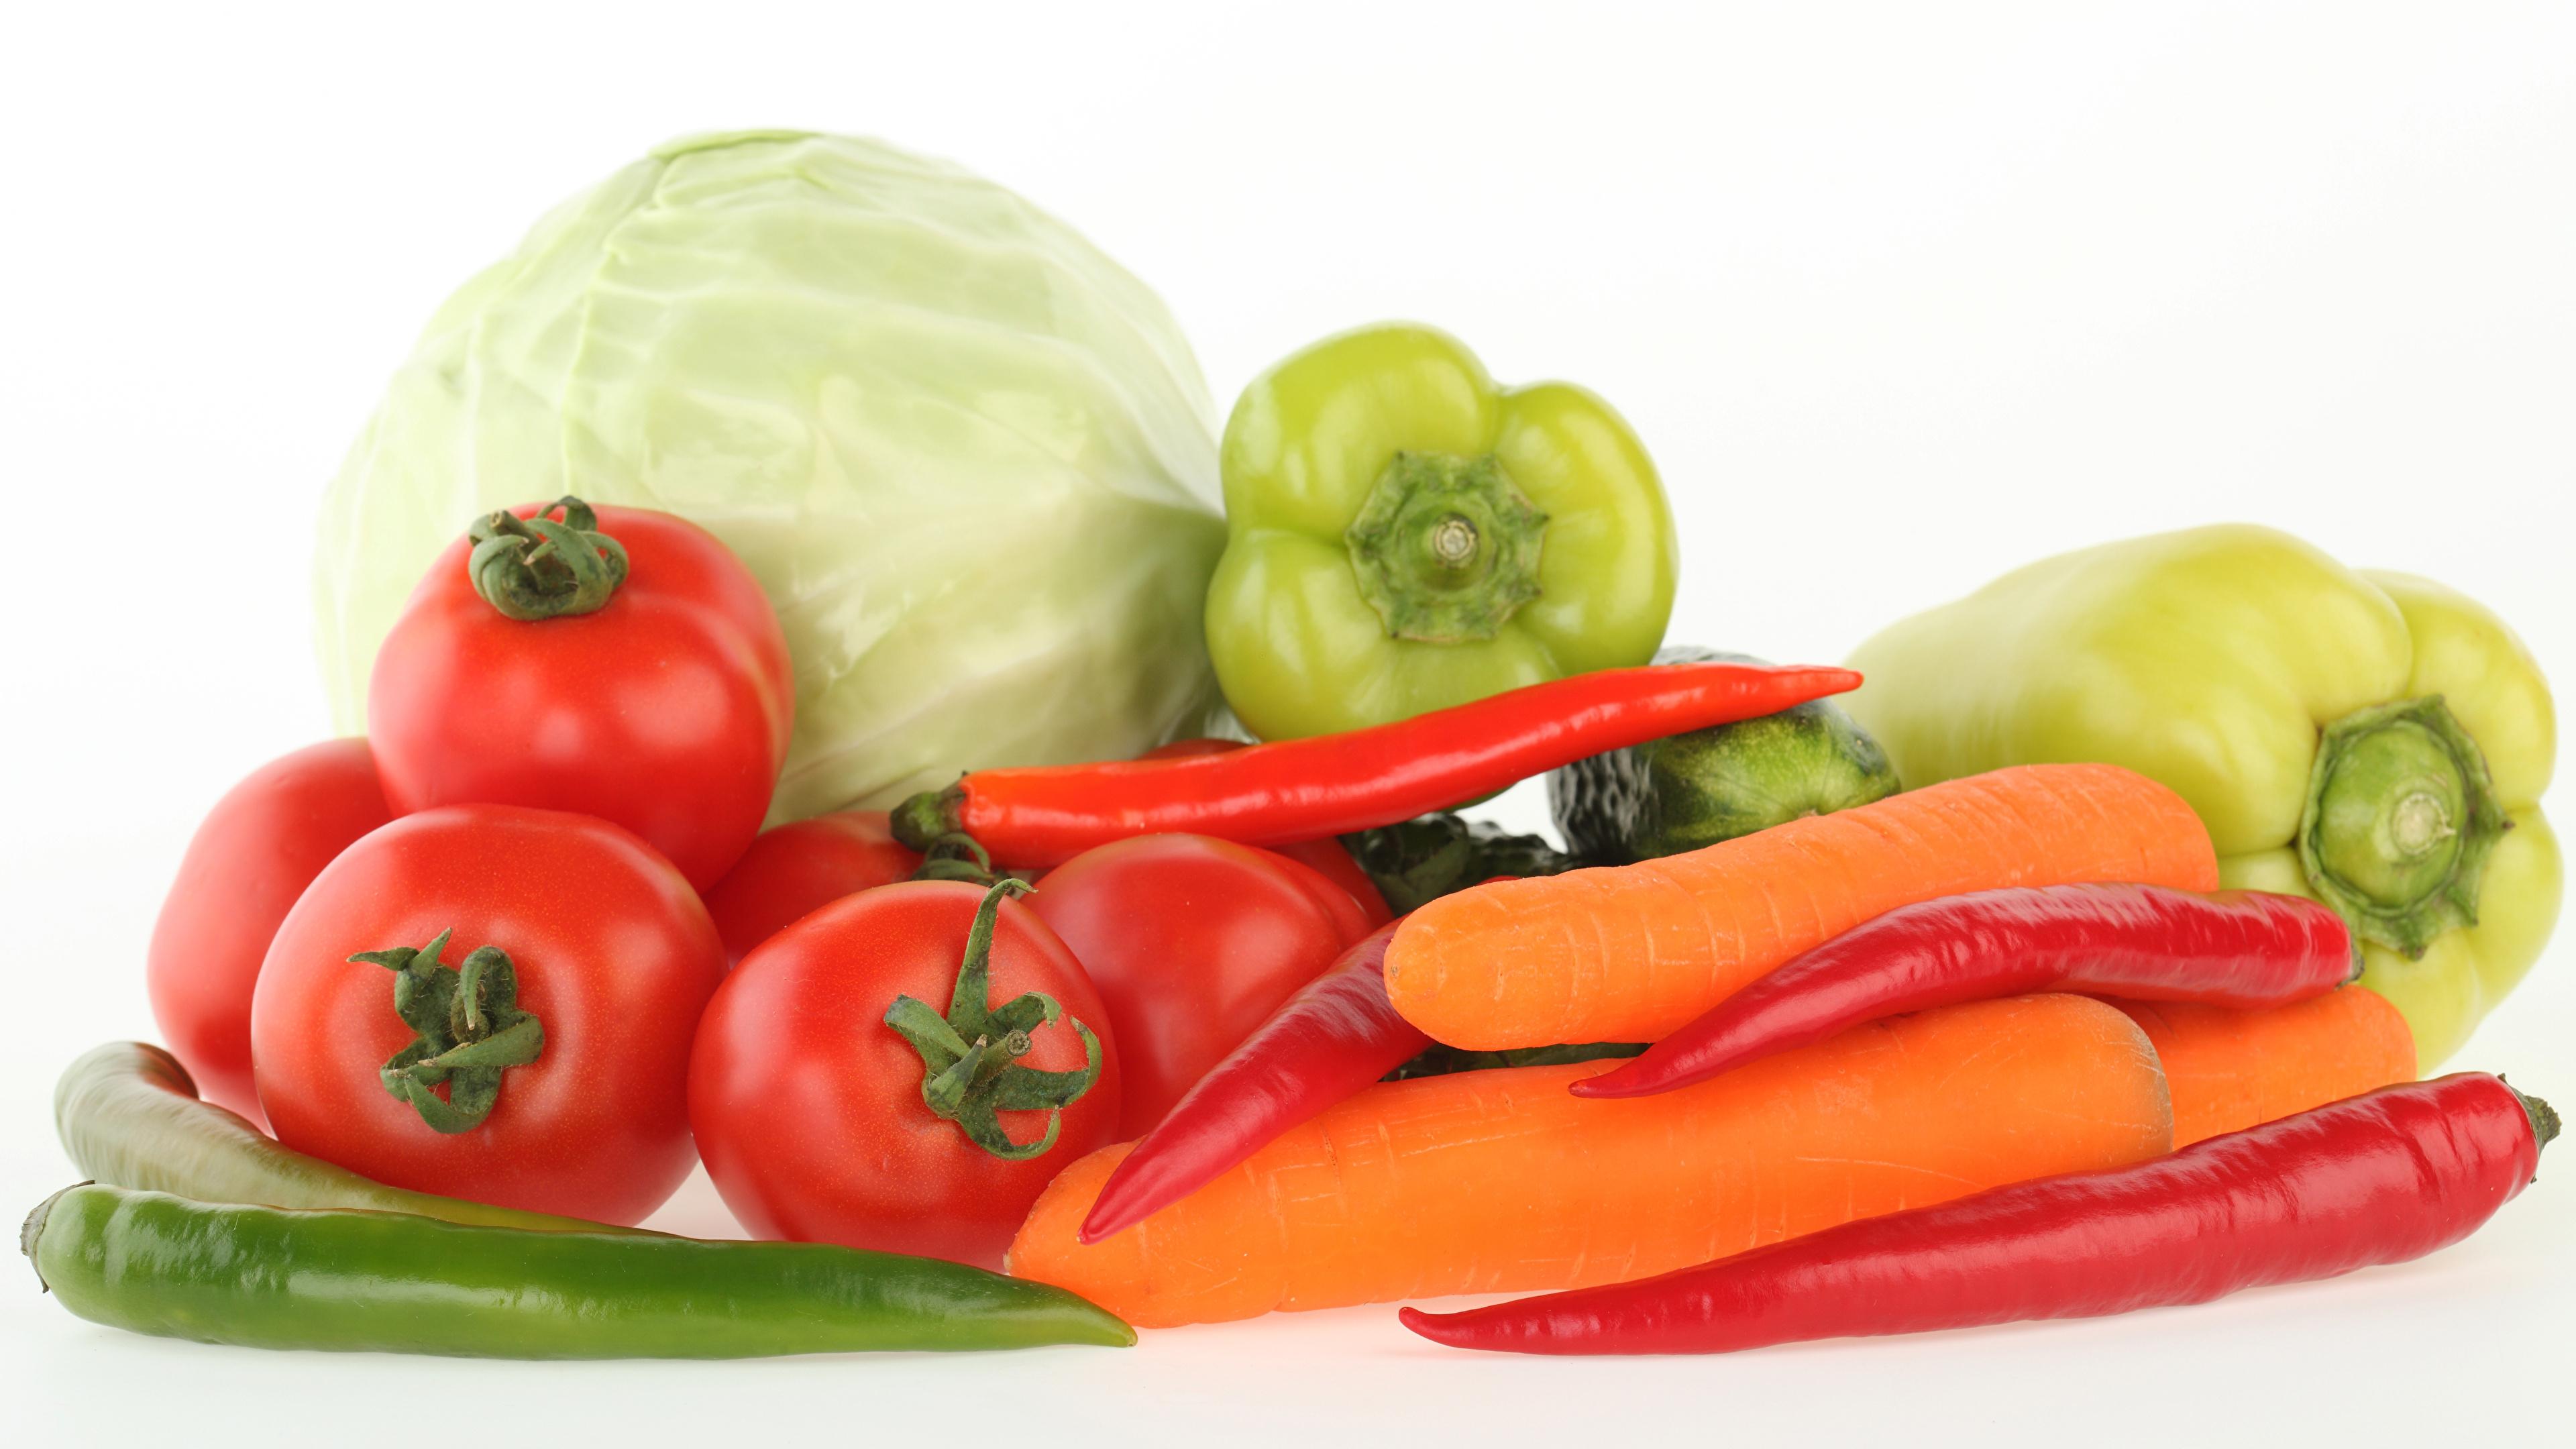 Картинки Капуста Помидоры морковка Острый перец чили Еда Овощи Перец белым фоном 3840x2160 Томаты Морковь Пища перец овощной Продукты питания Белый фон белом фоне